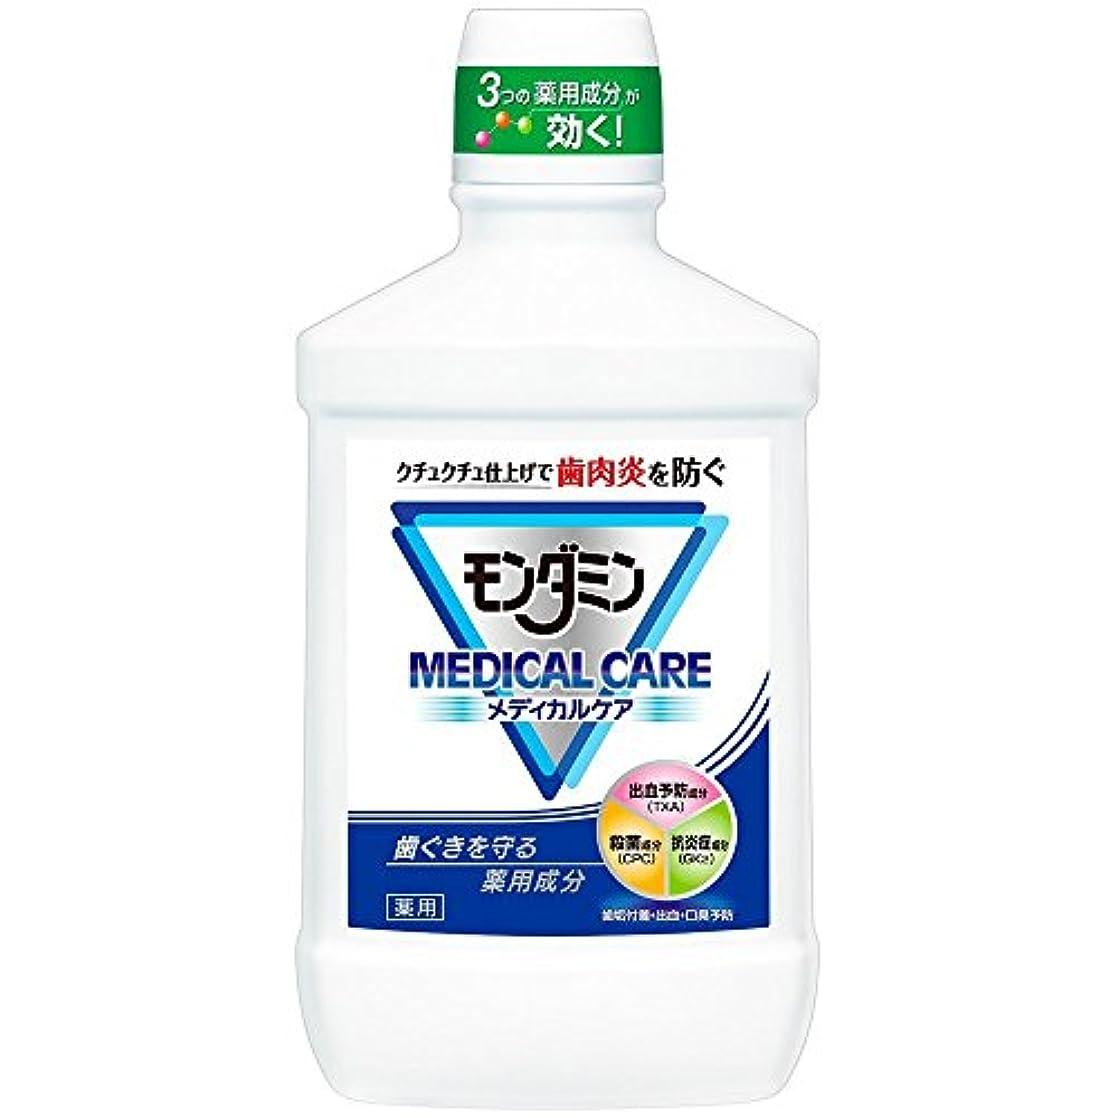 加害者平らな修理可能【アース製薬】モンダミン メディカルケア 1000ml ×10個セット